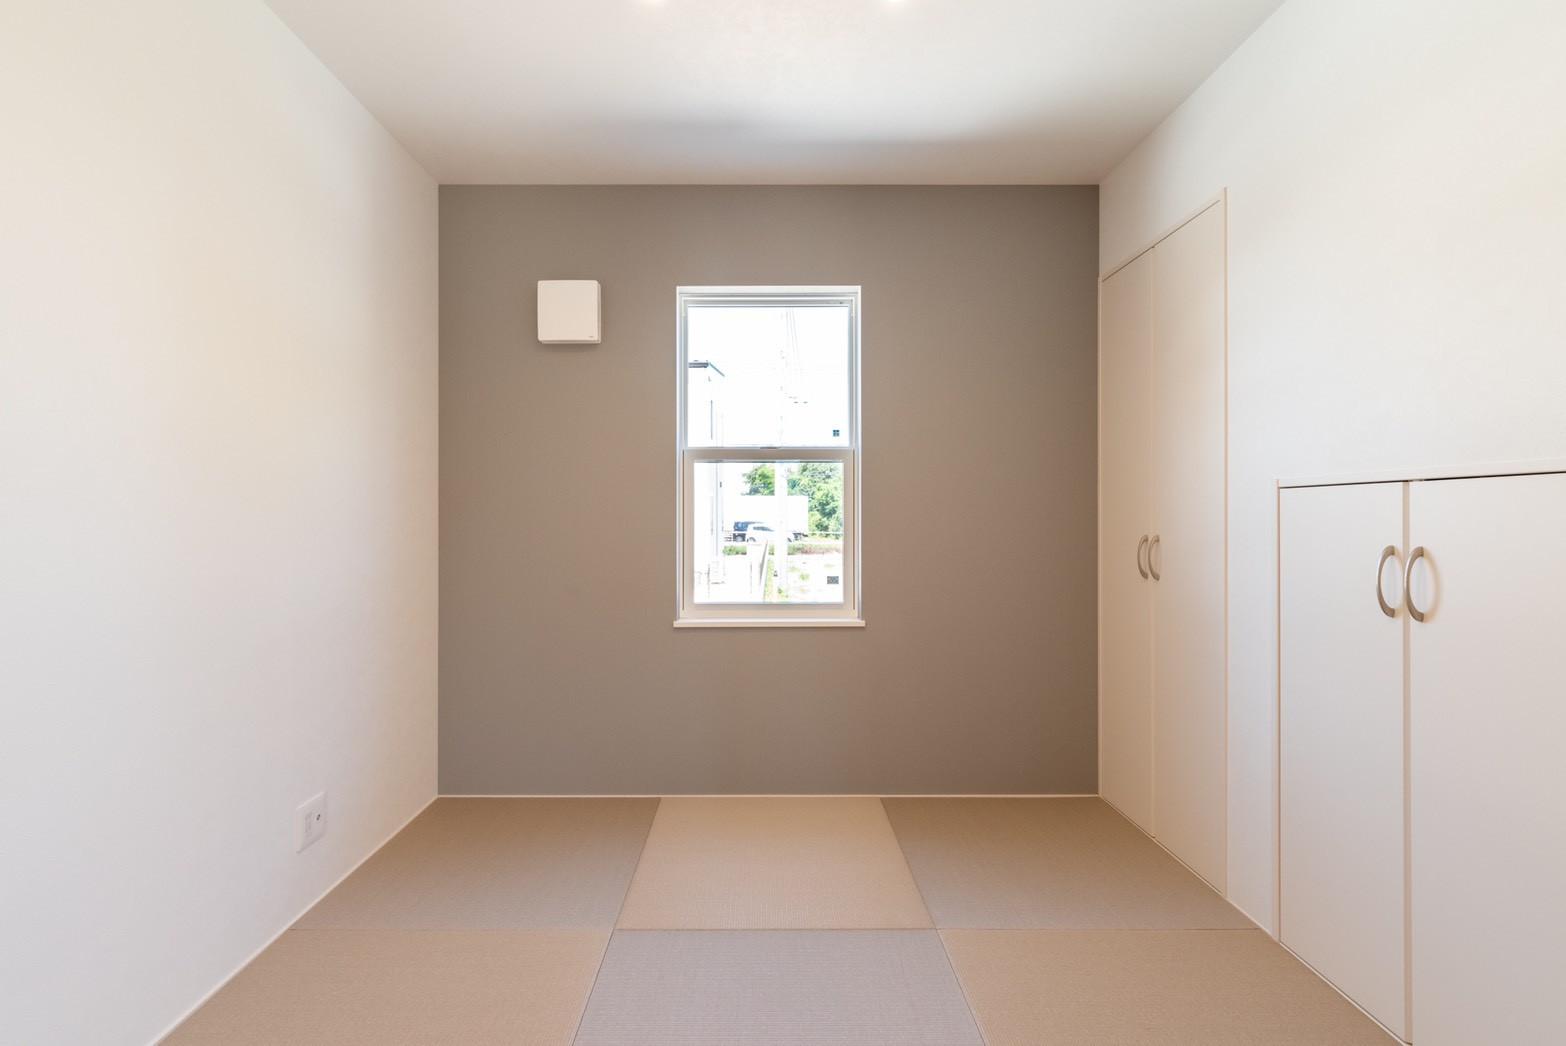 お引っ越し前後のお片づけサポートからご新居のインテリアまでトータルサポート